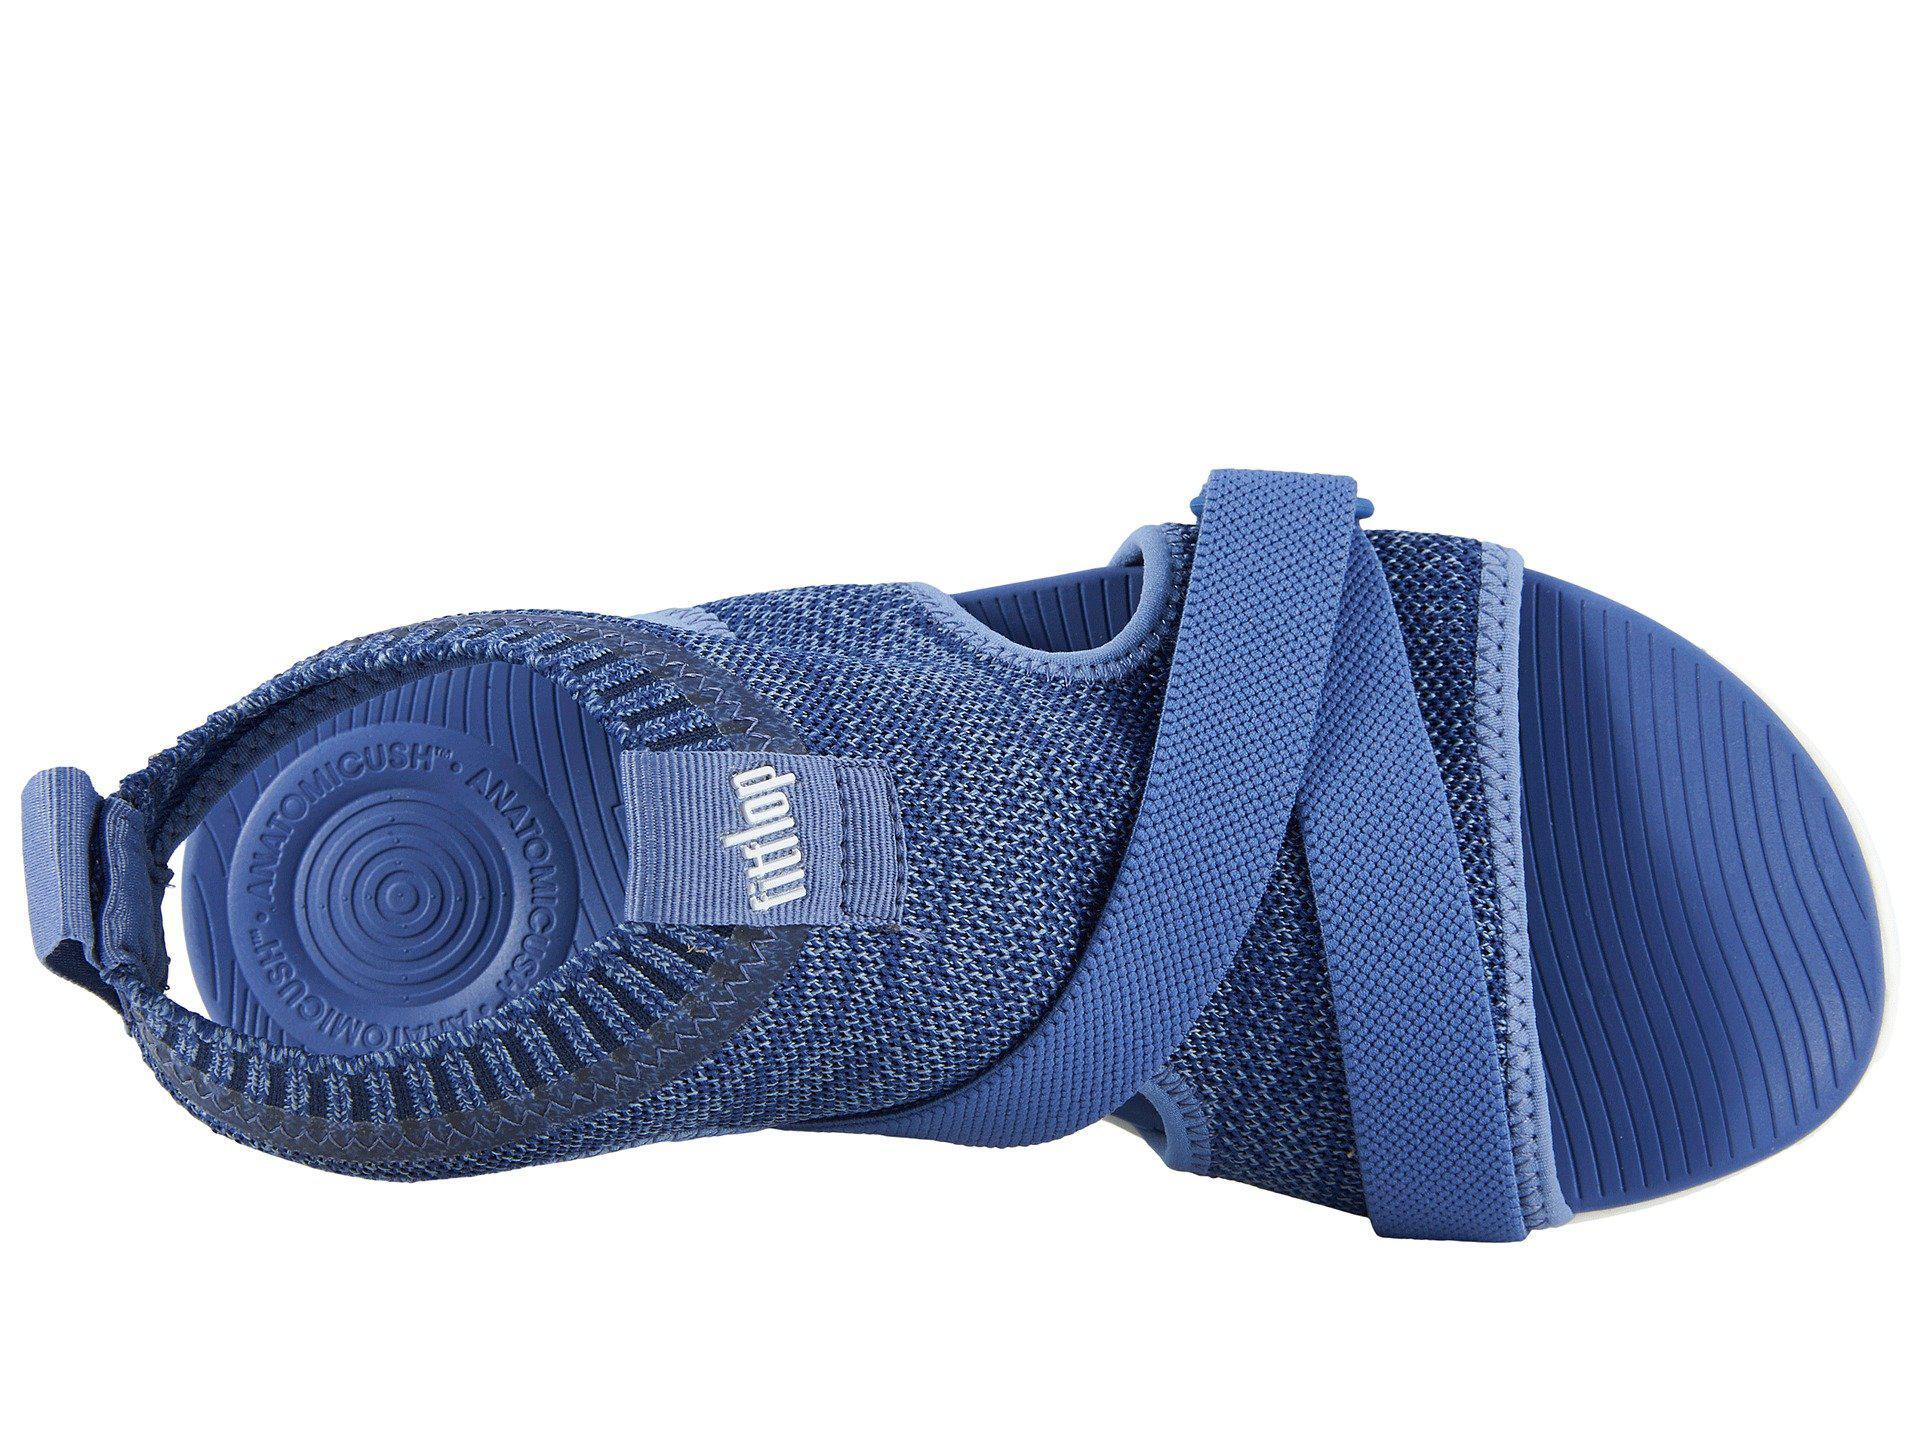 87167b8631fb38 Fitflop - Blue Uberknit Back Strap Sandals - Lyst. View fullscreen